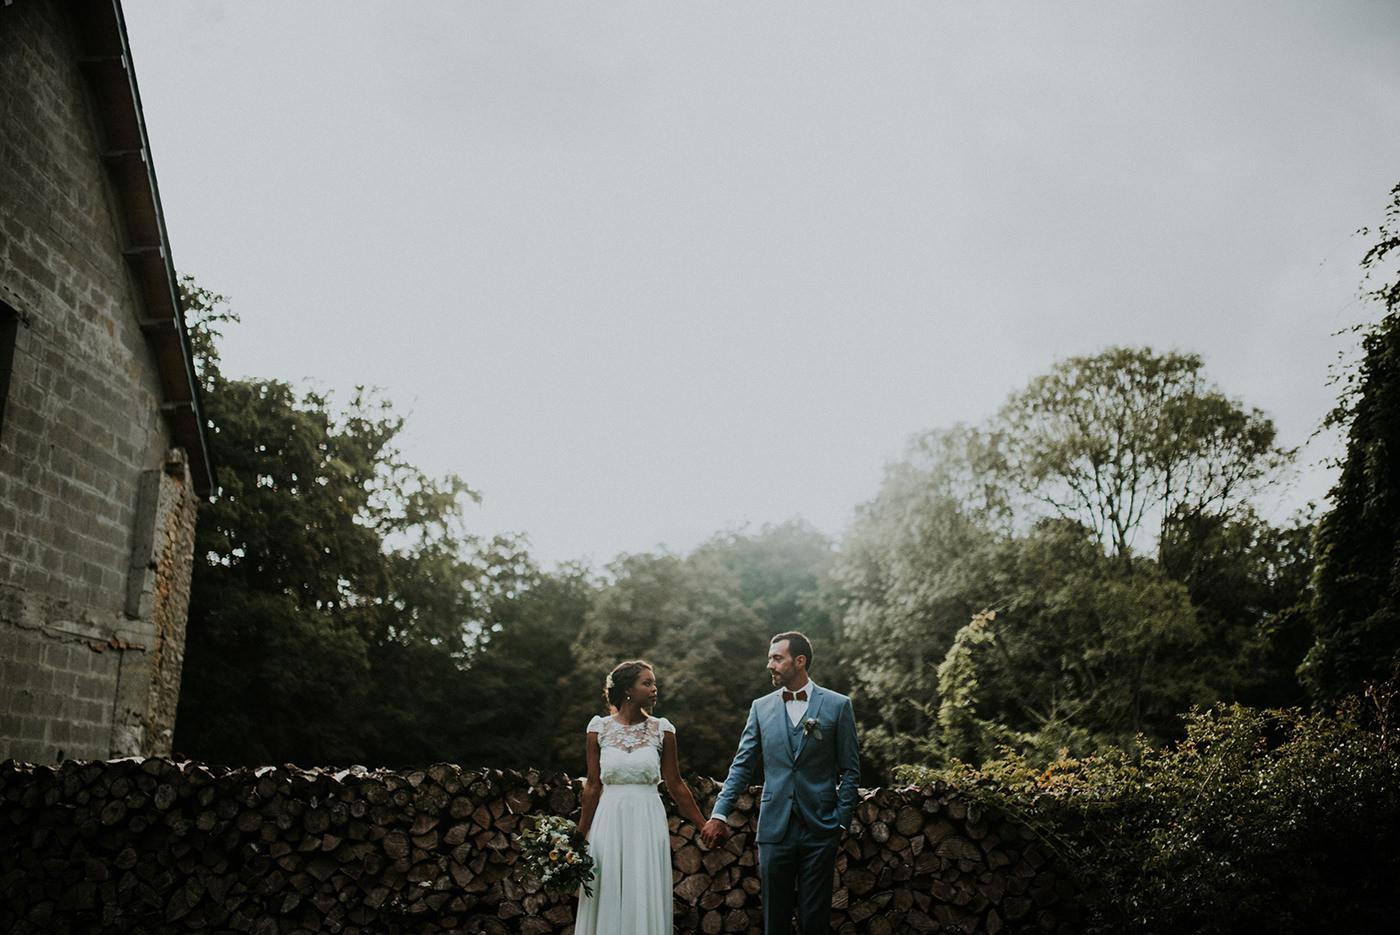 photographe de mariage nantes